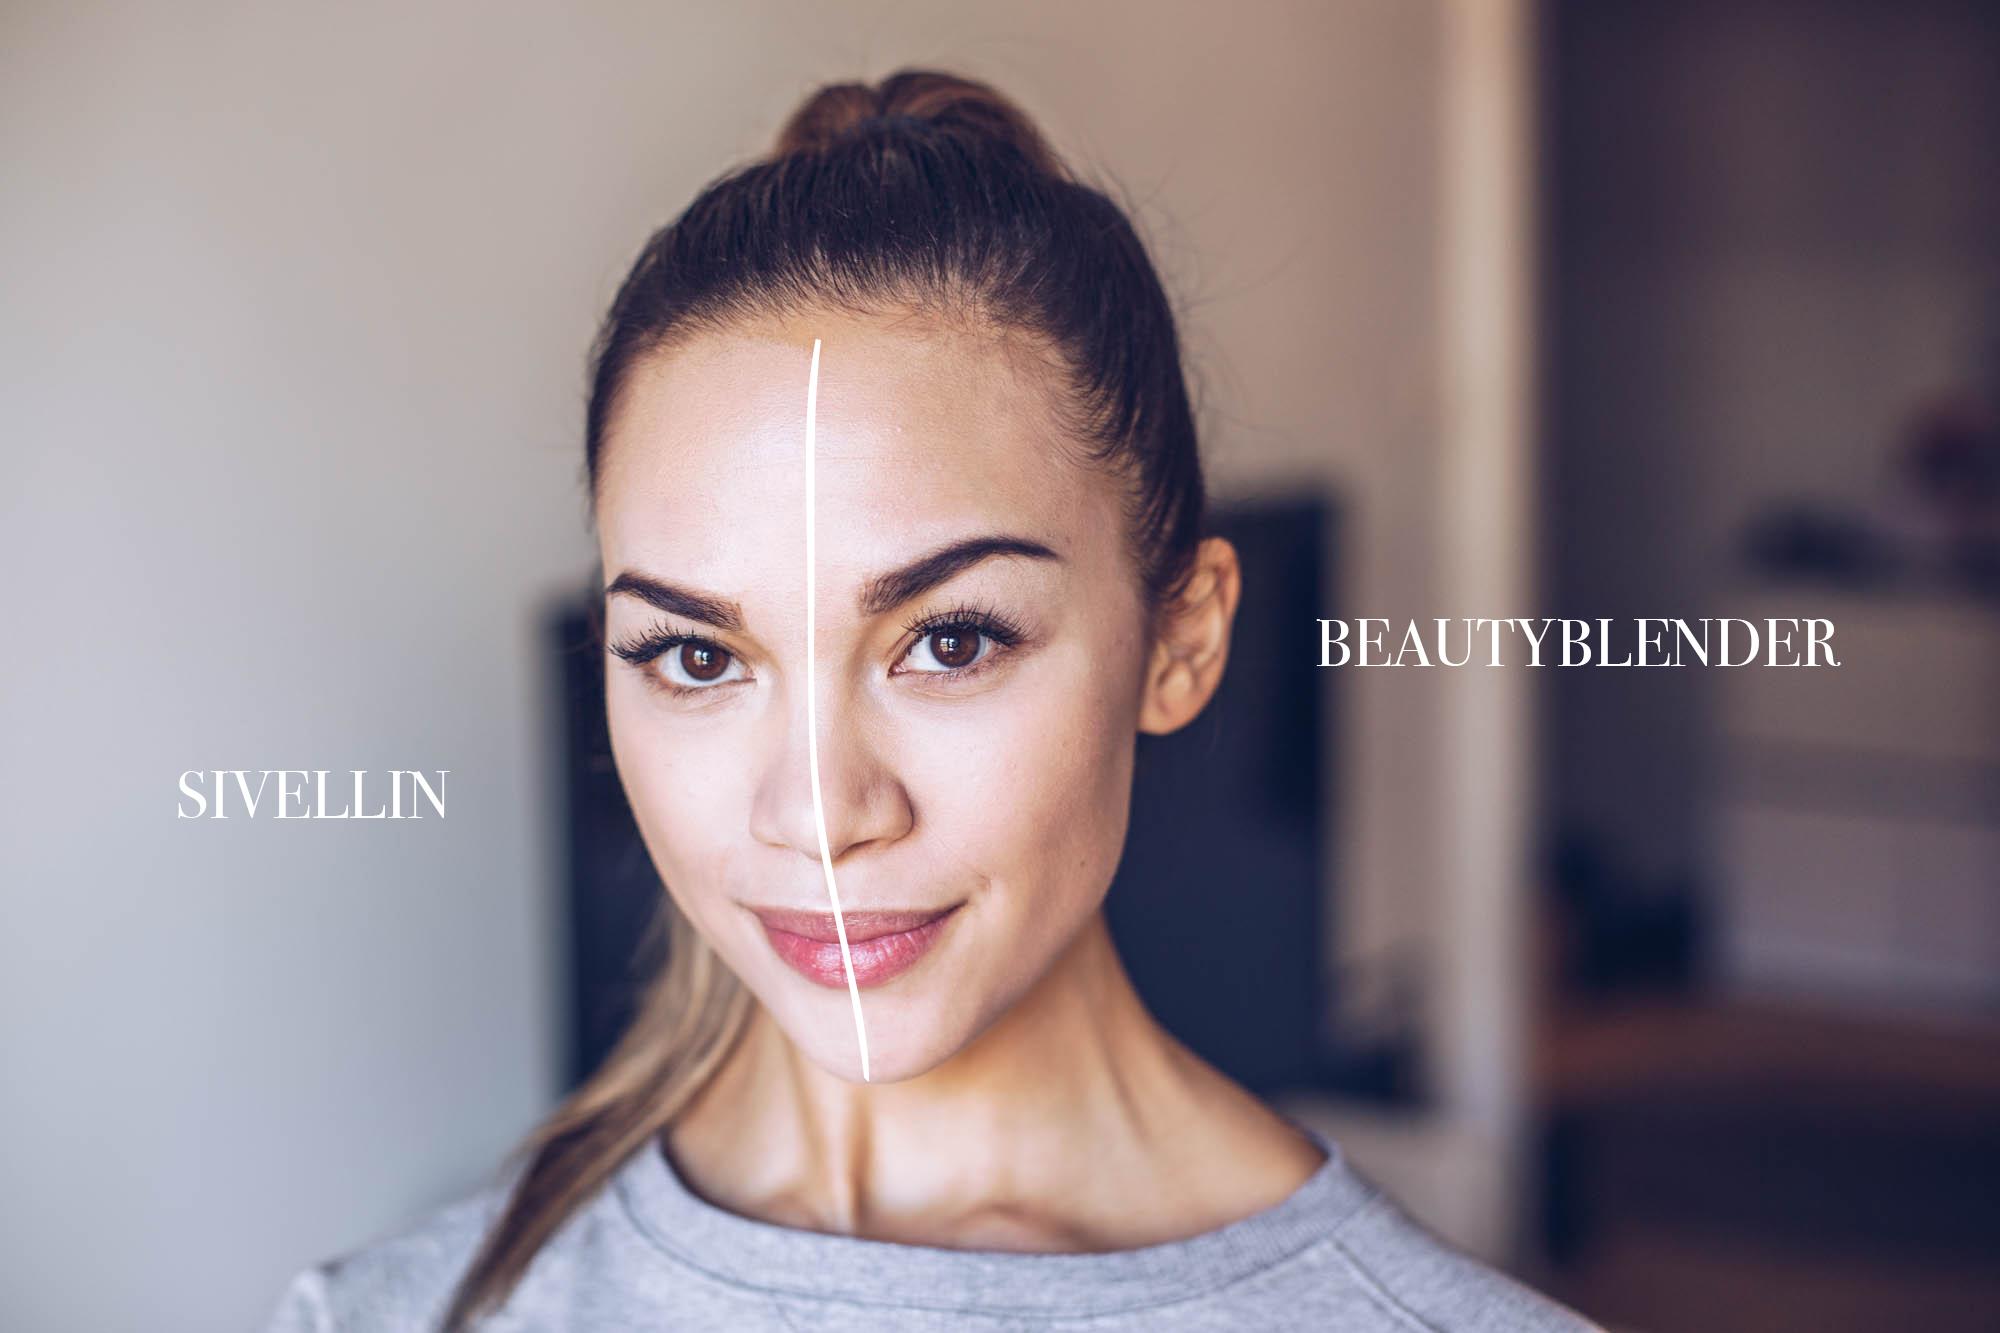 Beautyblender vs. Sivellin